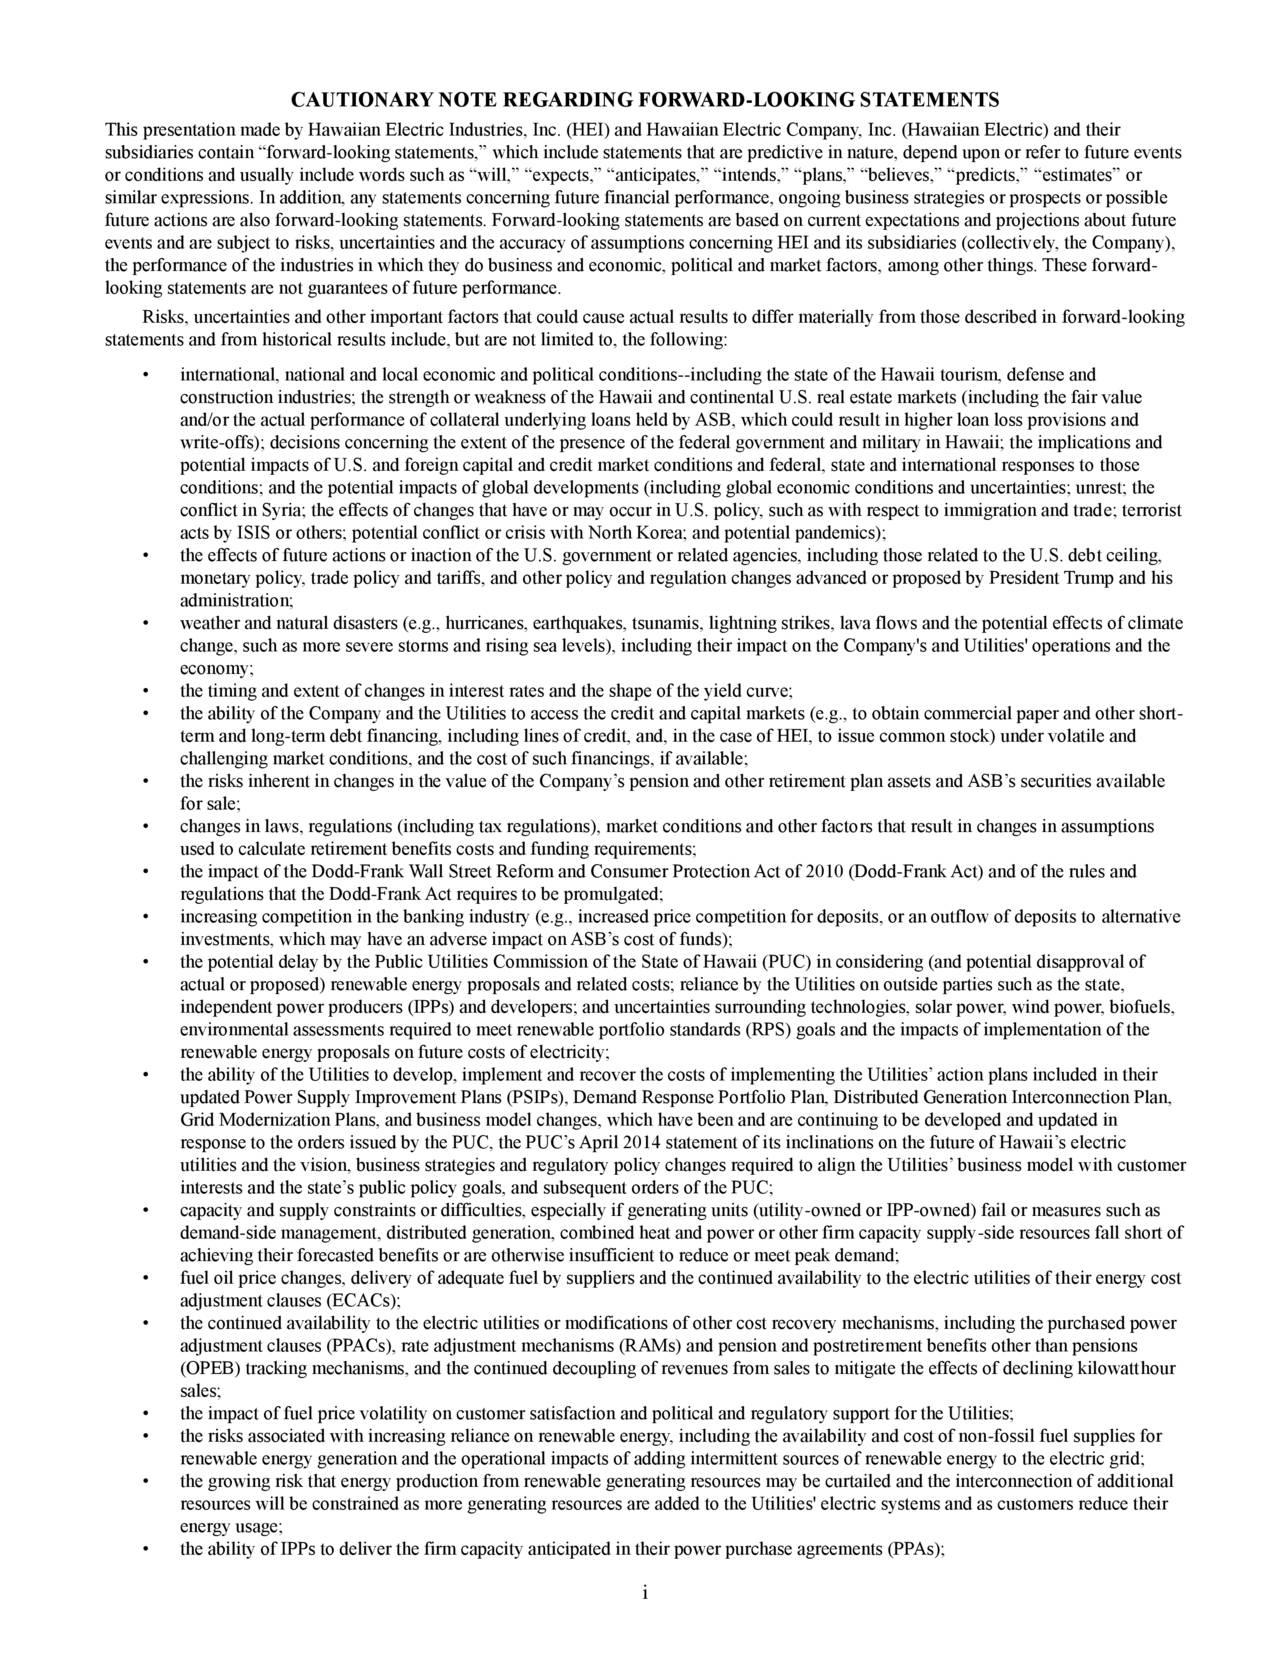 Sturdivant Electric Corp. Case Solution